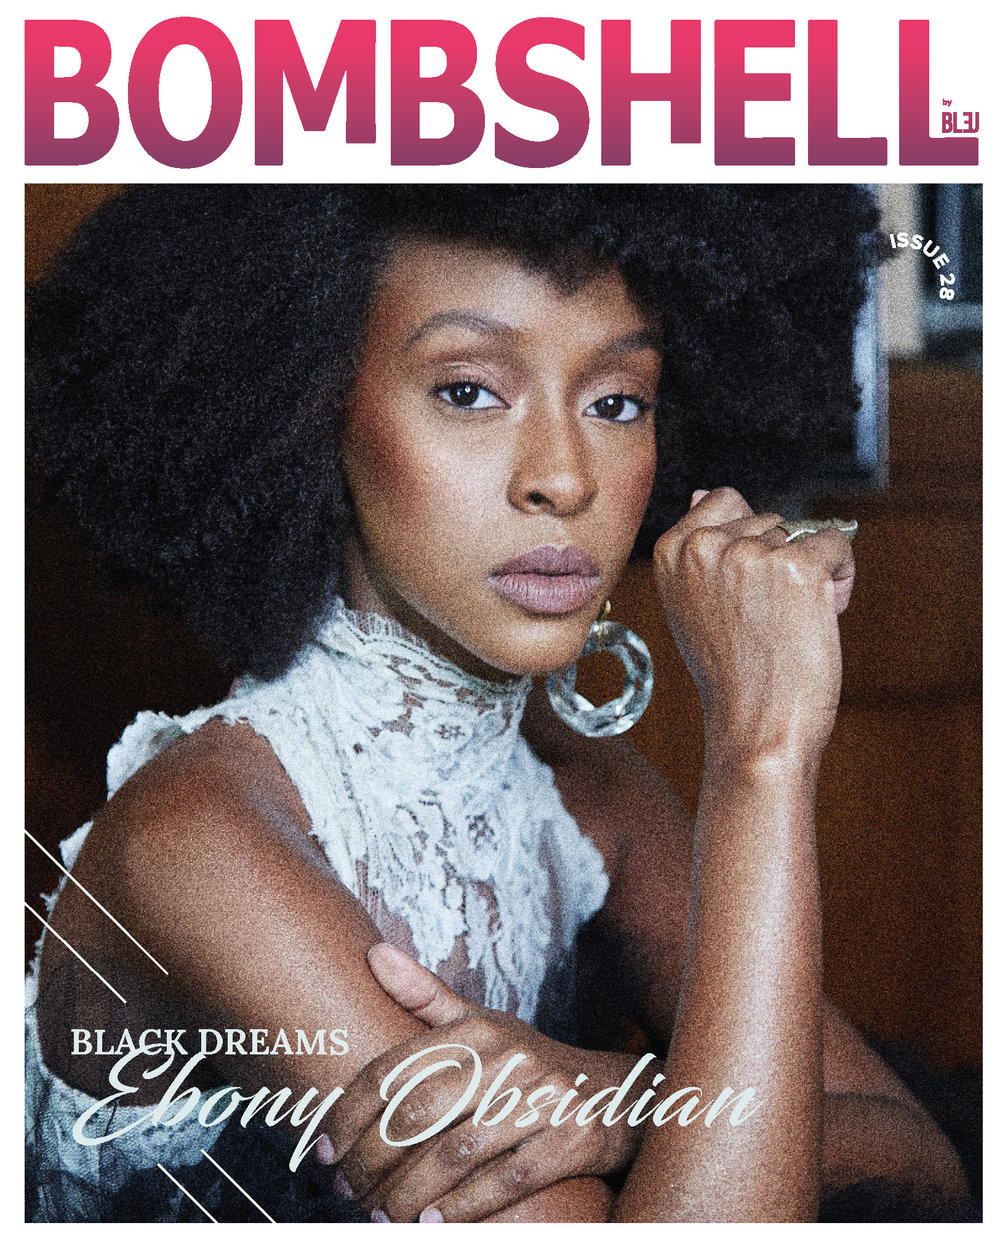 Bombshell Cover.jpg